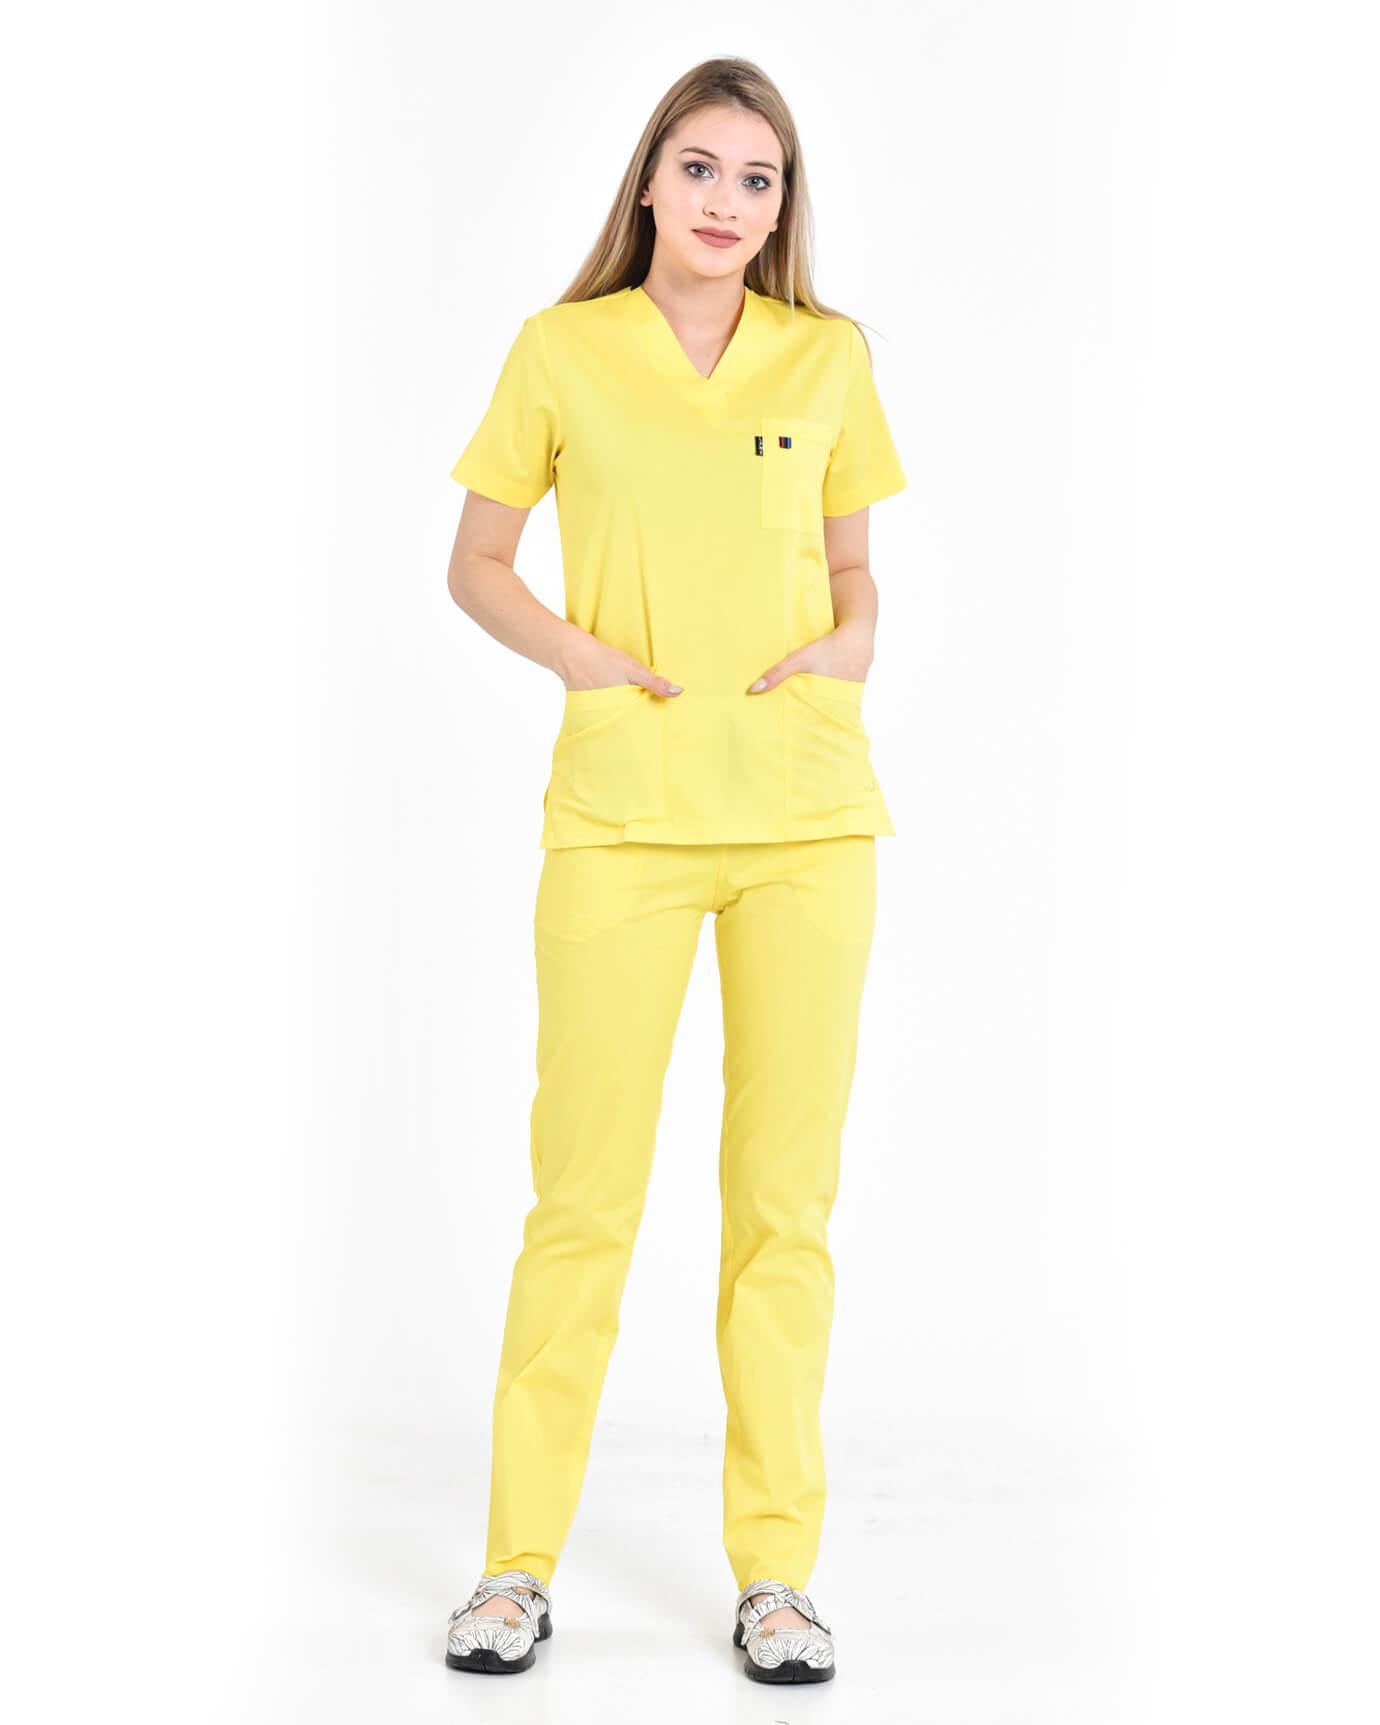 %100 Pamuk Likralı Takma Kol Sarı Takım